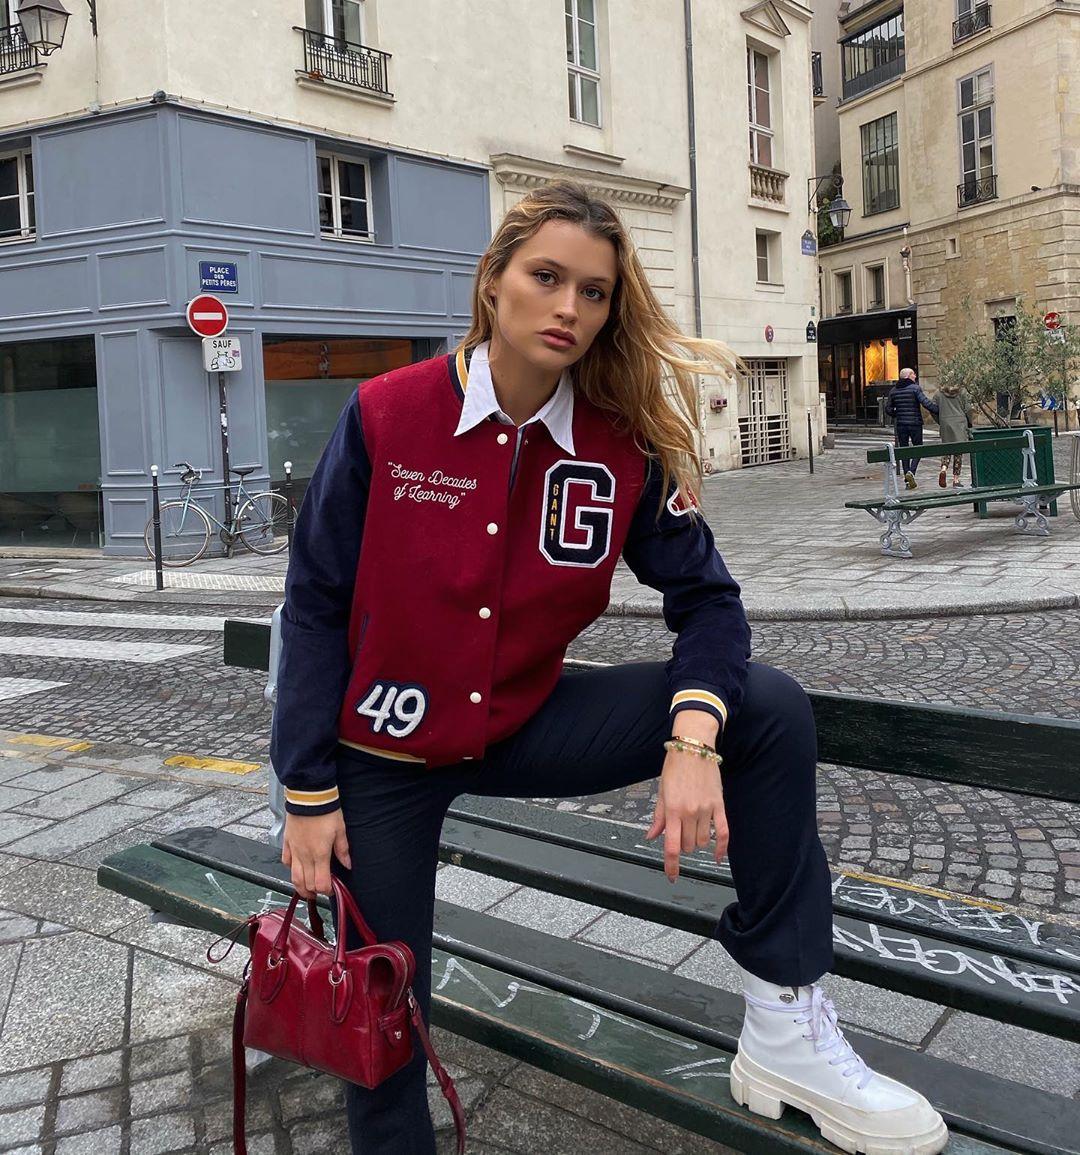 Tín đồ thời trang Pháp Chloe Careux mặc áo khoác bóng chày đỏ-xanh, mang giày bốt trắng